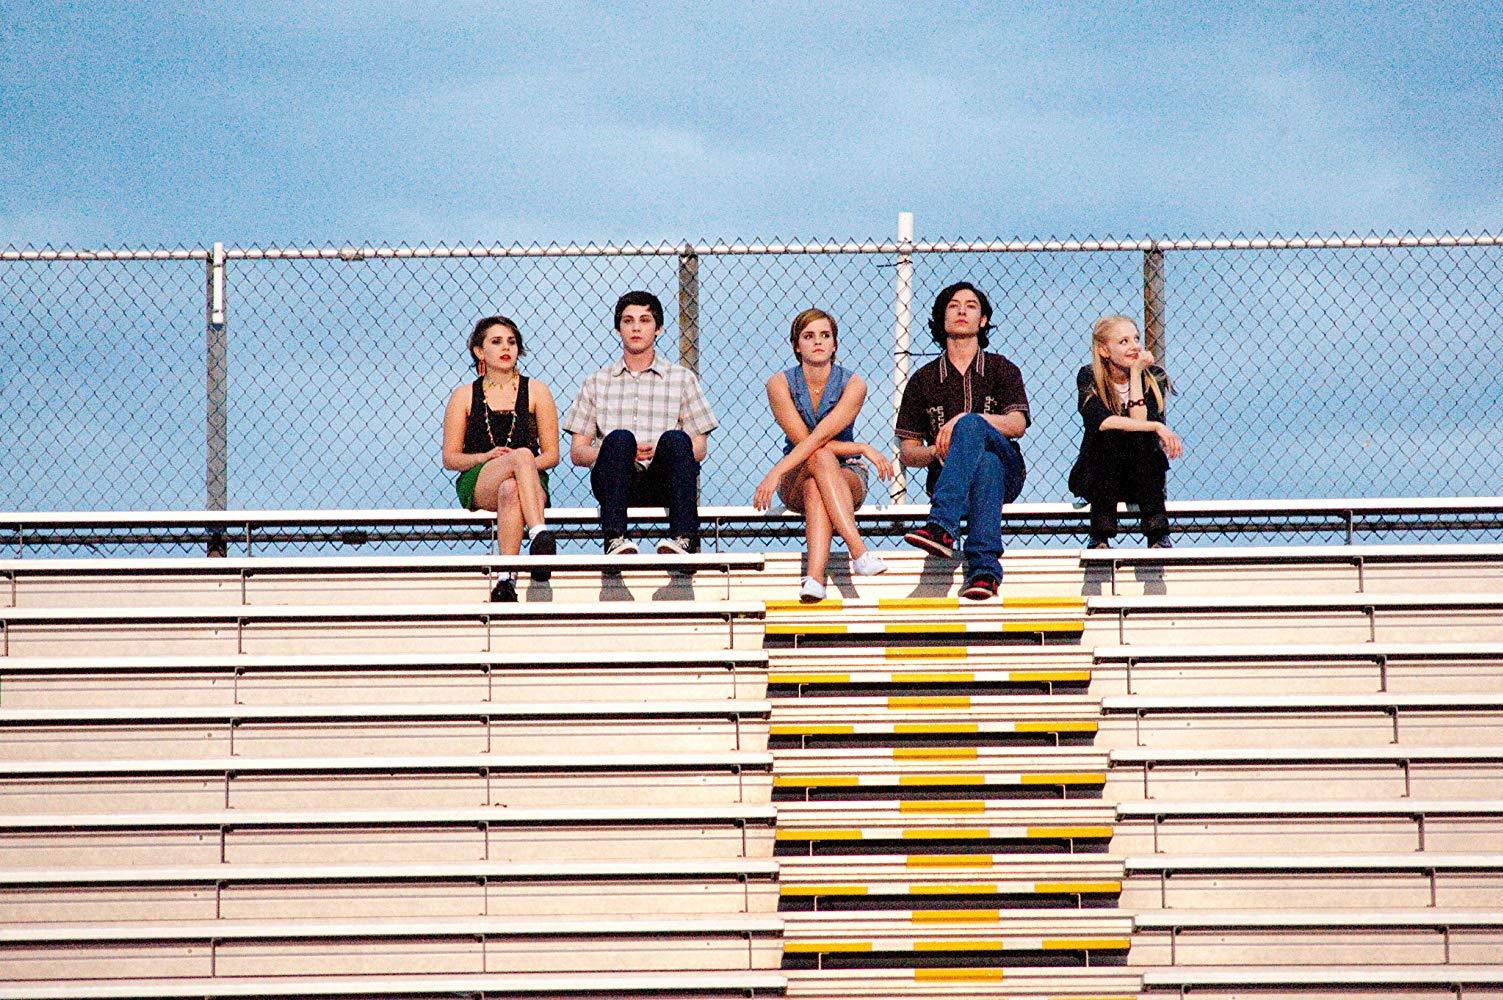 Le groupe d'amis du film sur les gradins du stade du lycée